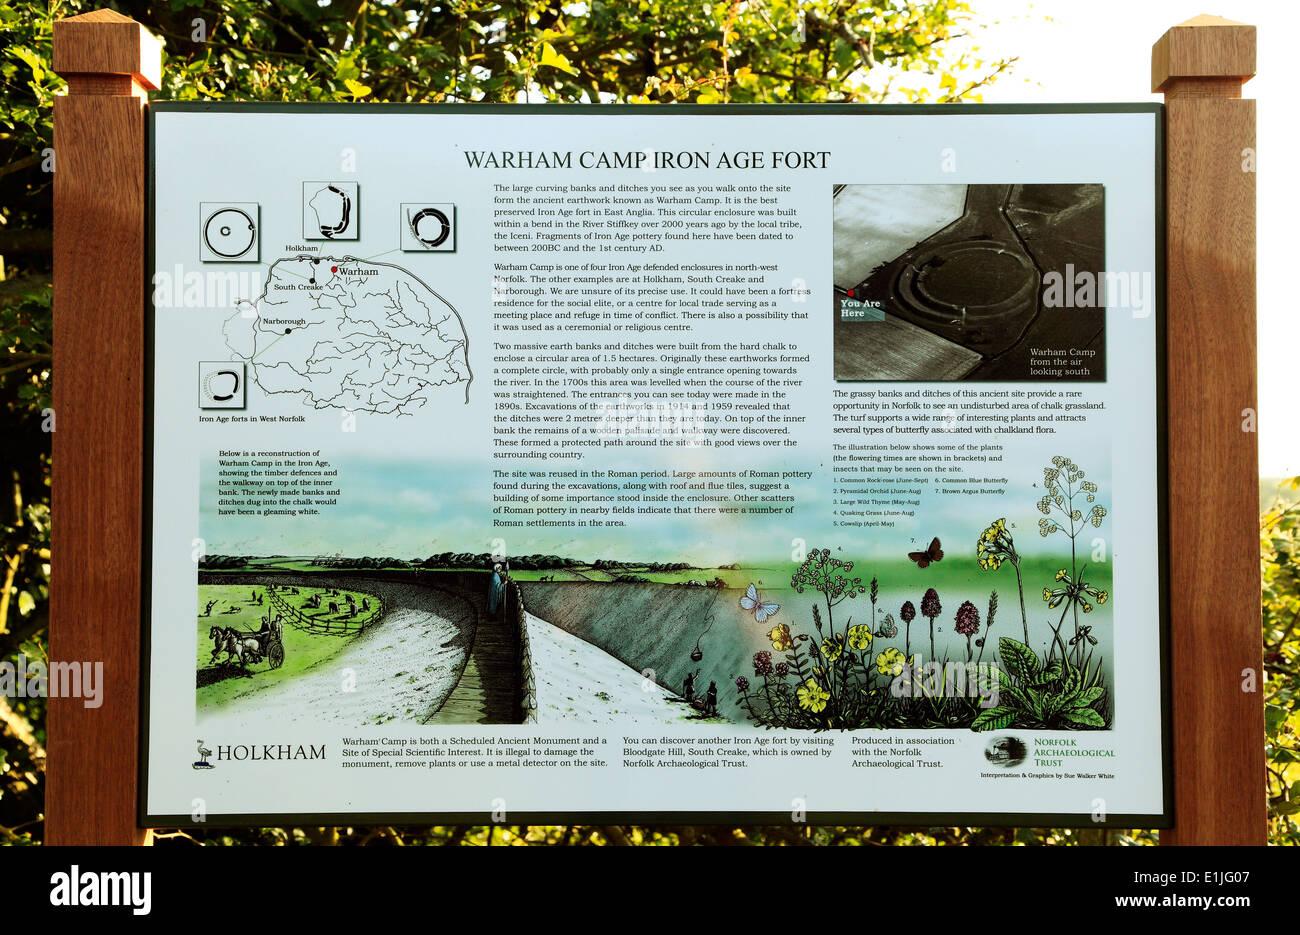 Warham Camp Iron Age Fort pannello di informazioni, Norfolk preistoria, prehistoric England Inglese Regno Unito fortini Immagini Stock